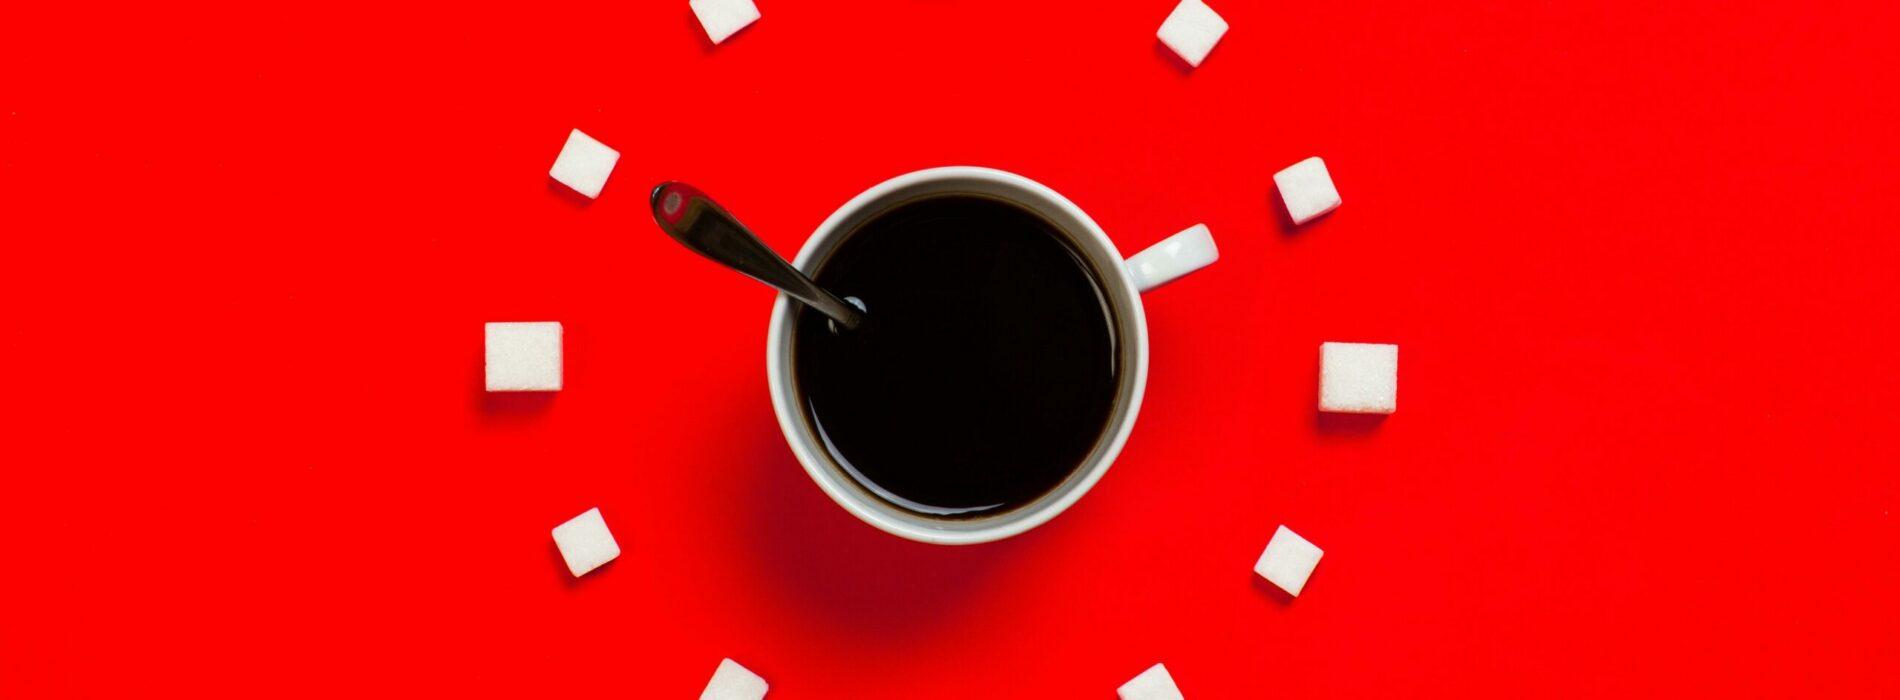 Kofeina i jej wpływ na mózg i funkcje poznawcze